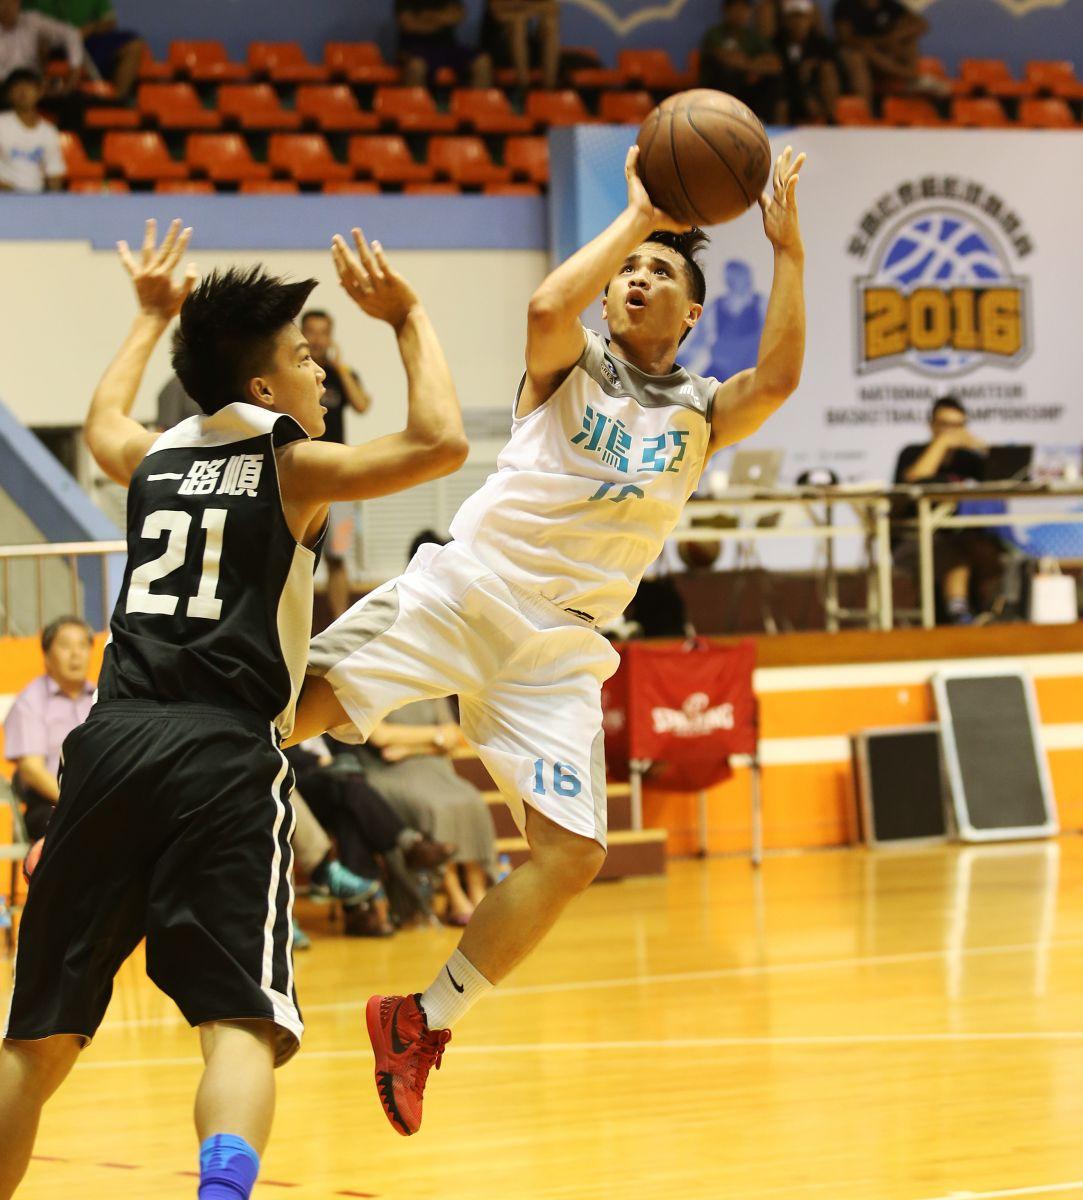 鴻亞無緣連霸。圖/中華民國籃球協會提供